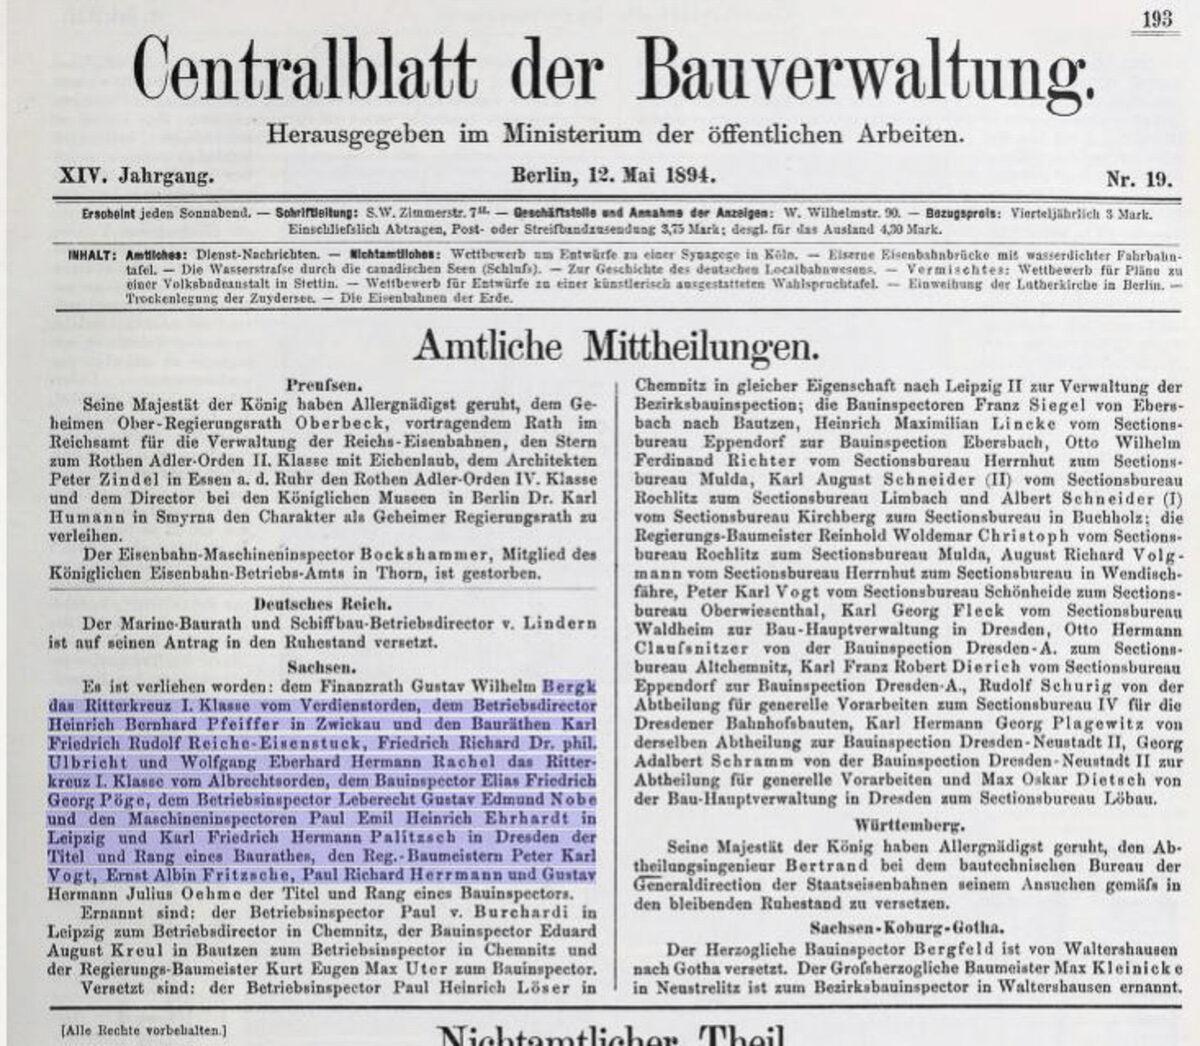 Centralblatt der Bauverwaltung 12.05.1894 / 20200308183405